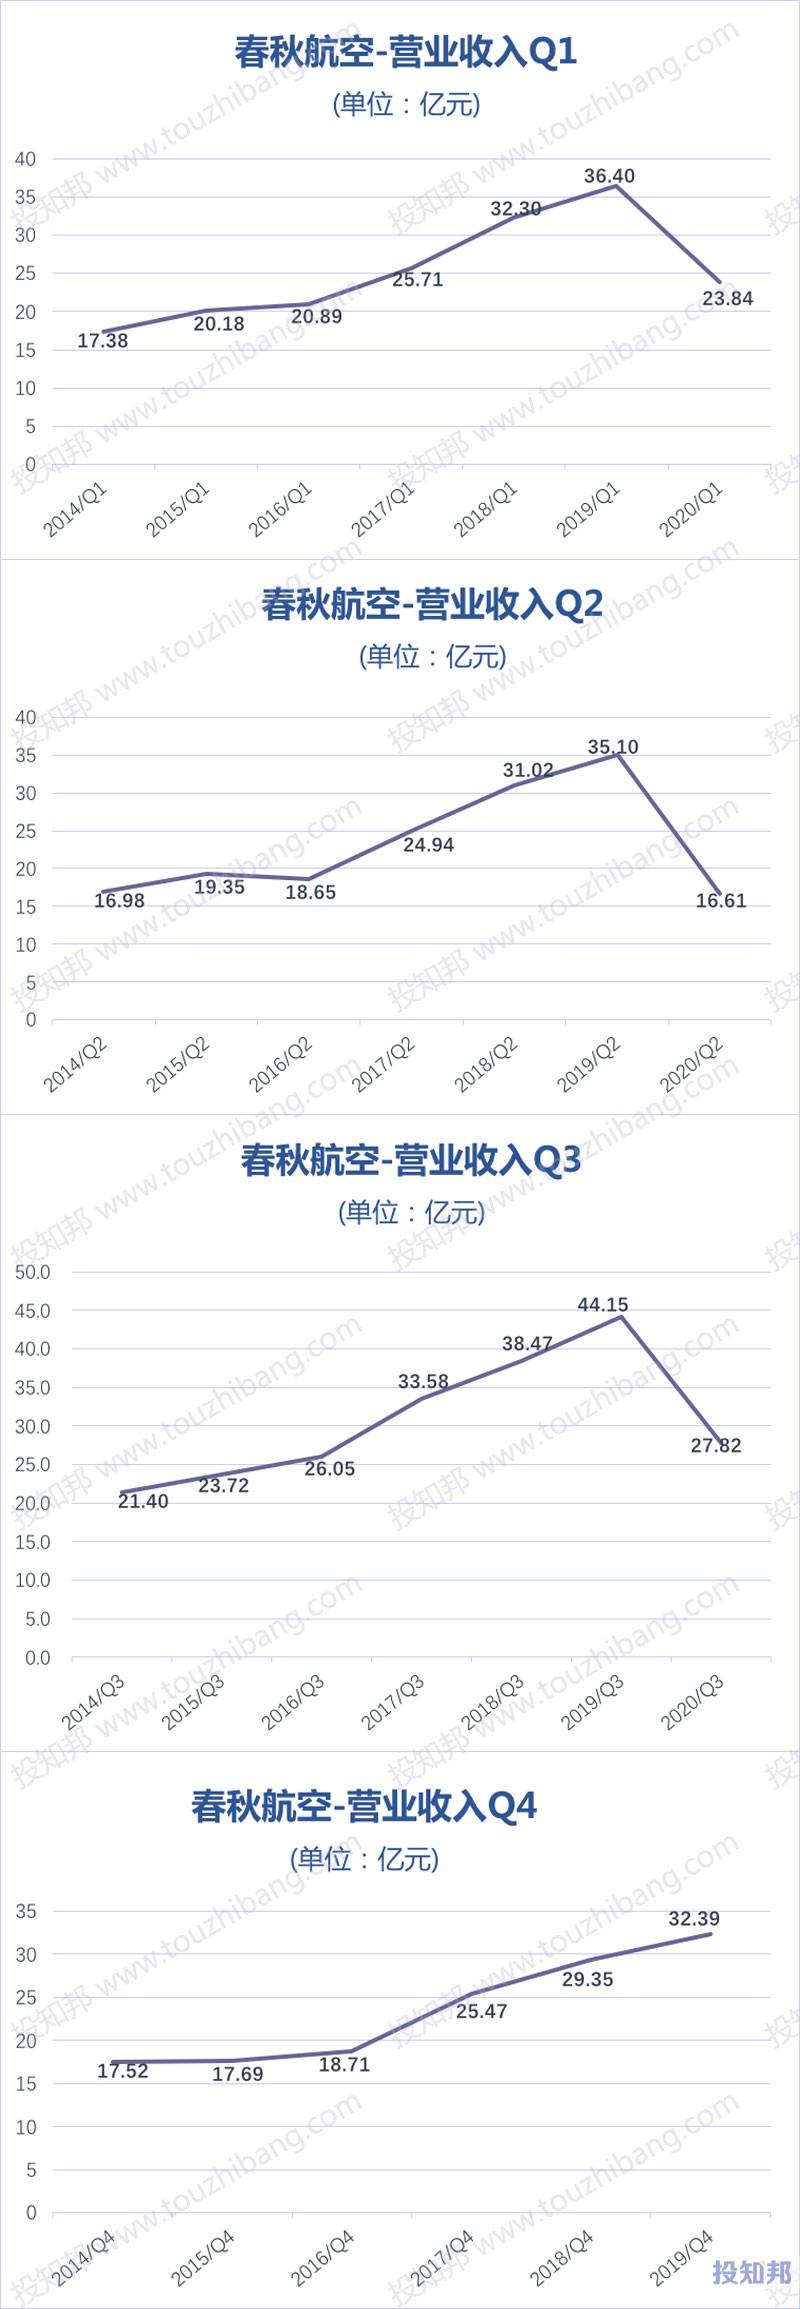 春秋航空(601021)财报数据图示(2014年~2020年Q3,更新)